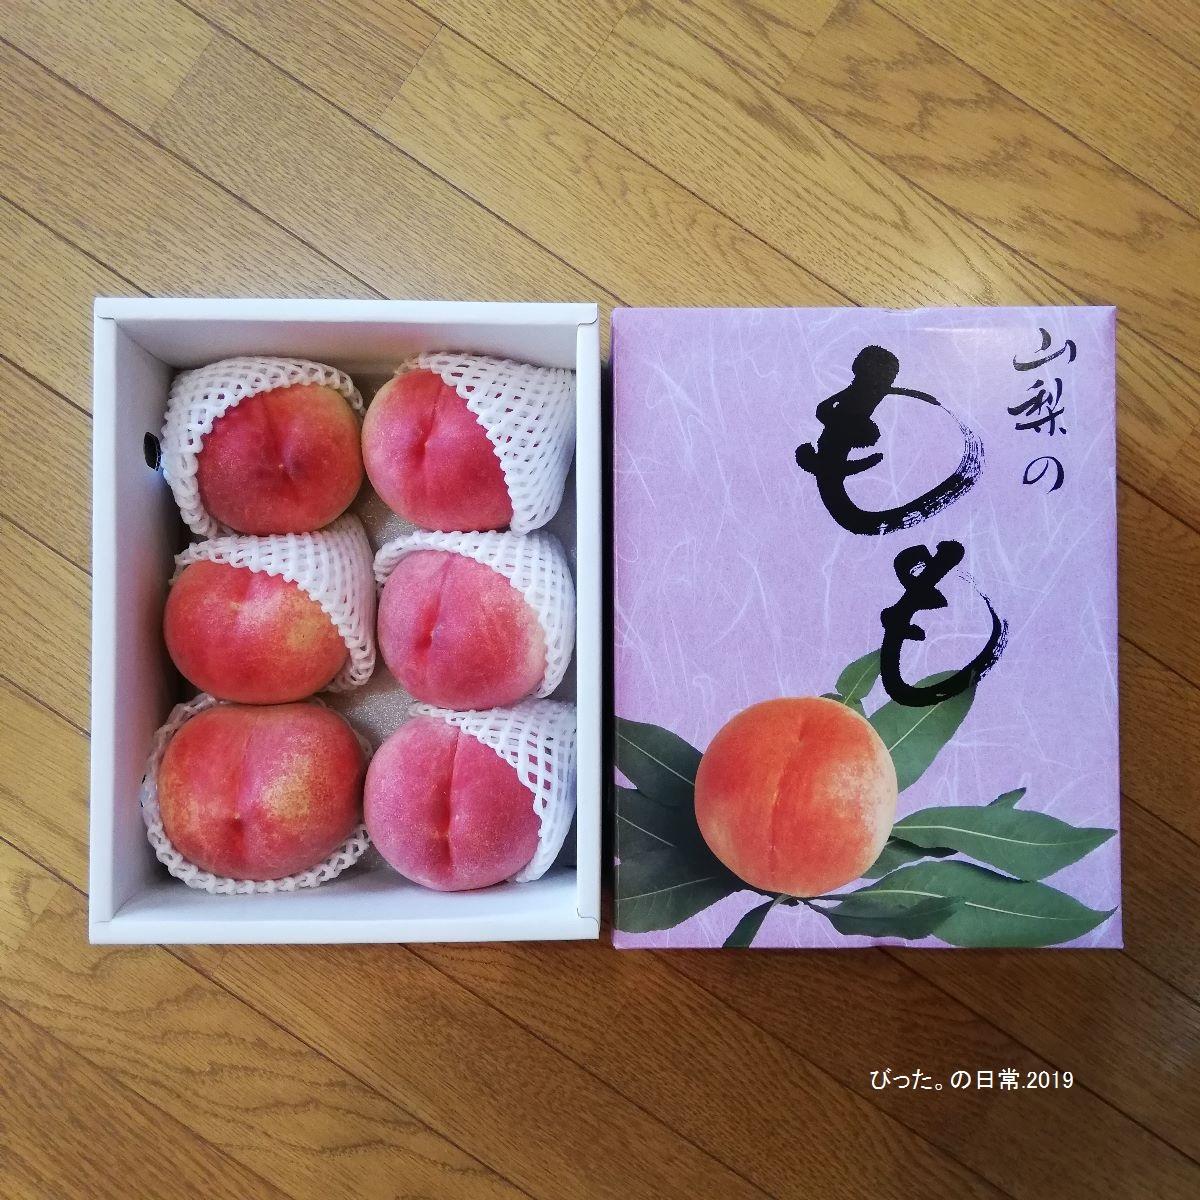 Peach,桃